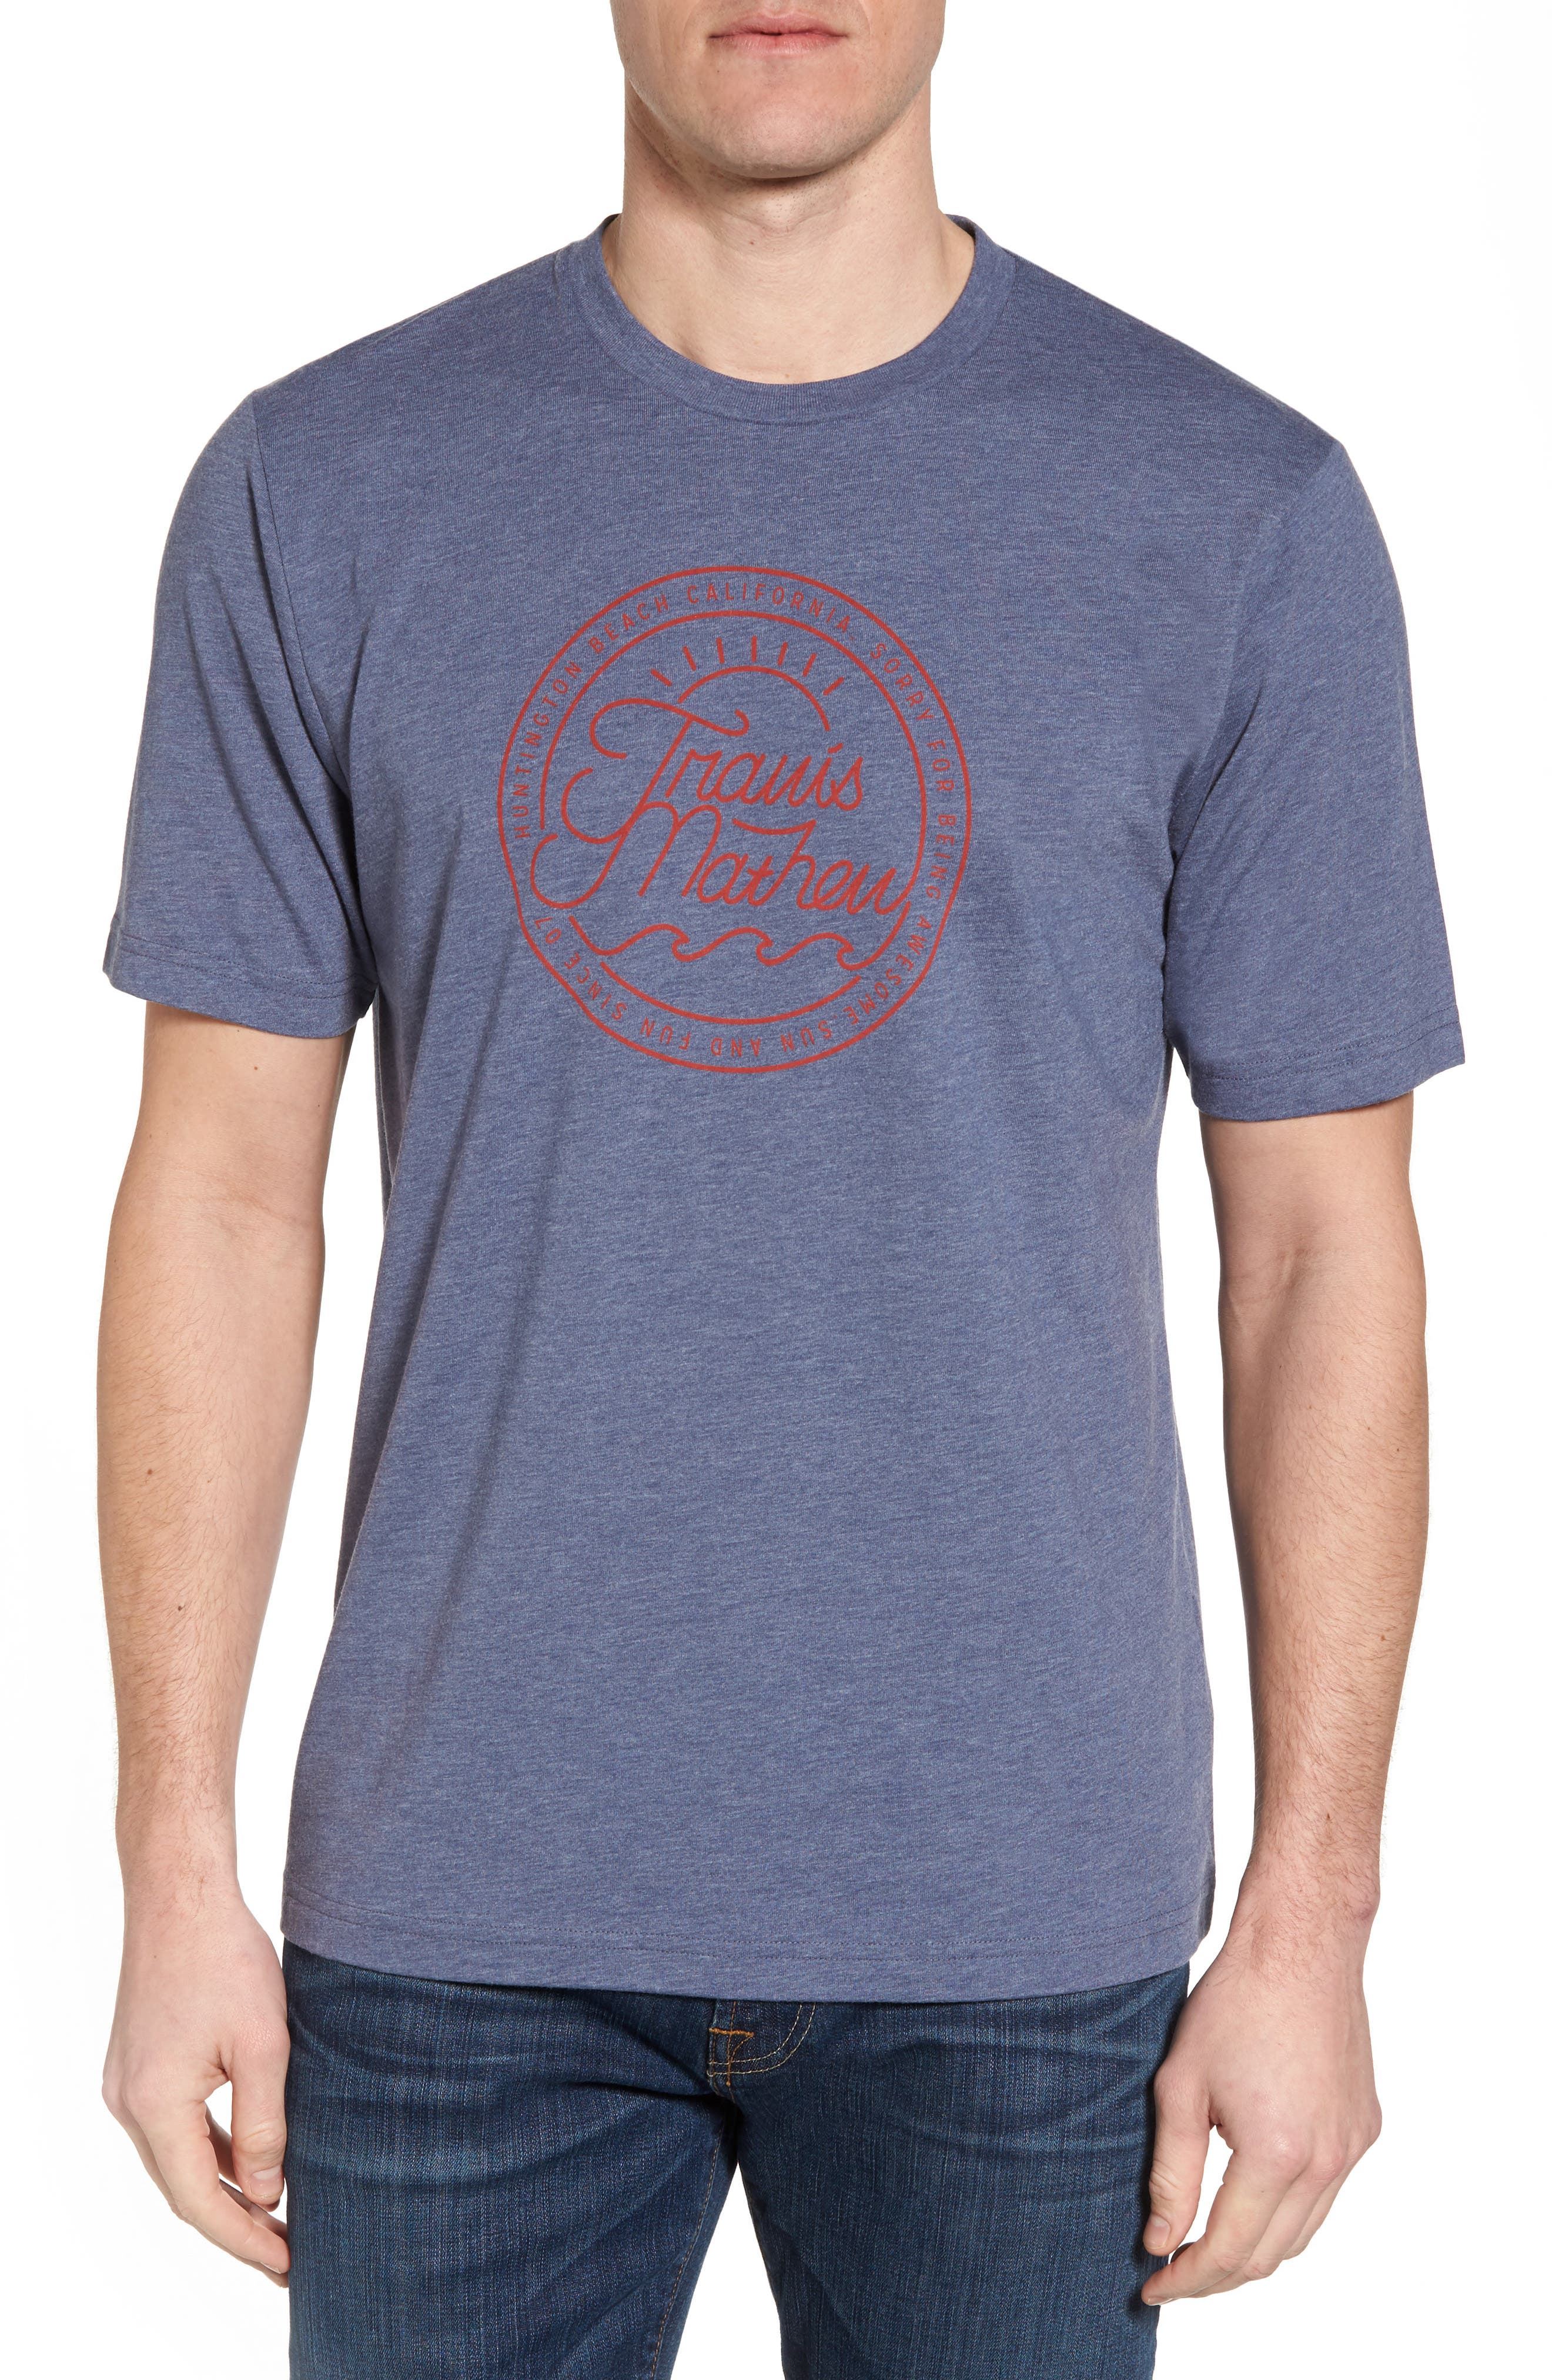 Drebo Graphic T-Shirt,                             Main thumbnail 1, color,                             400